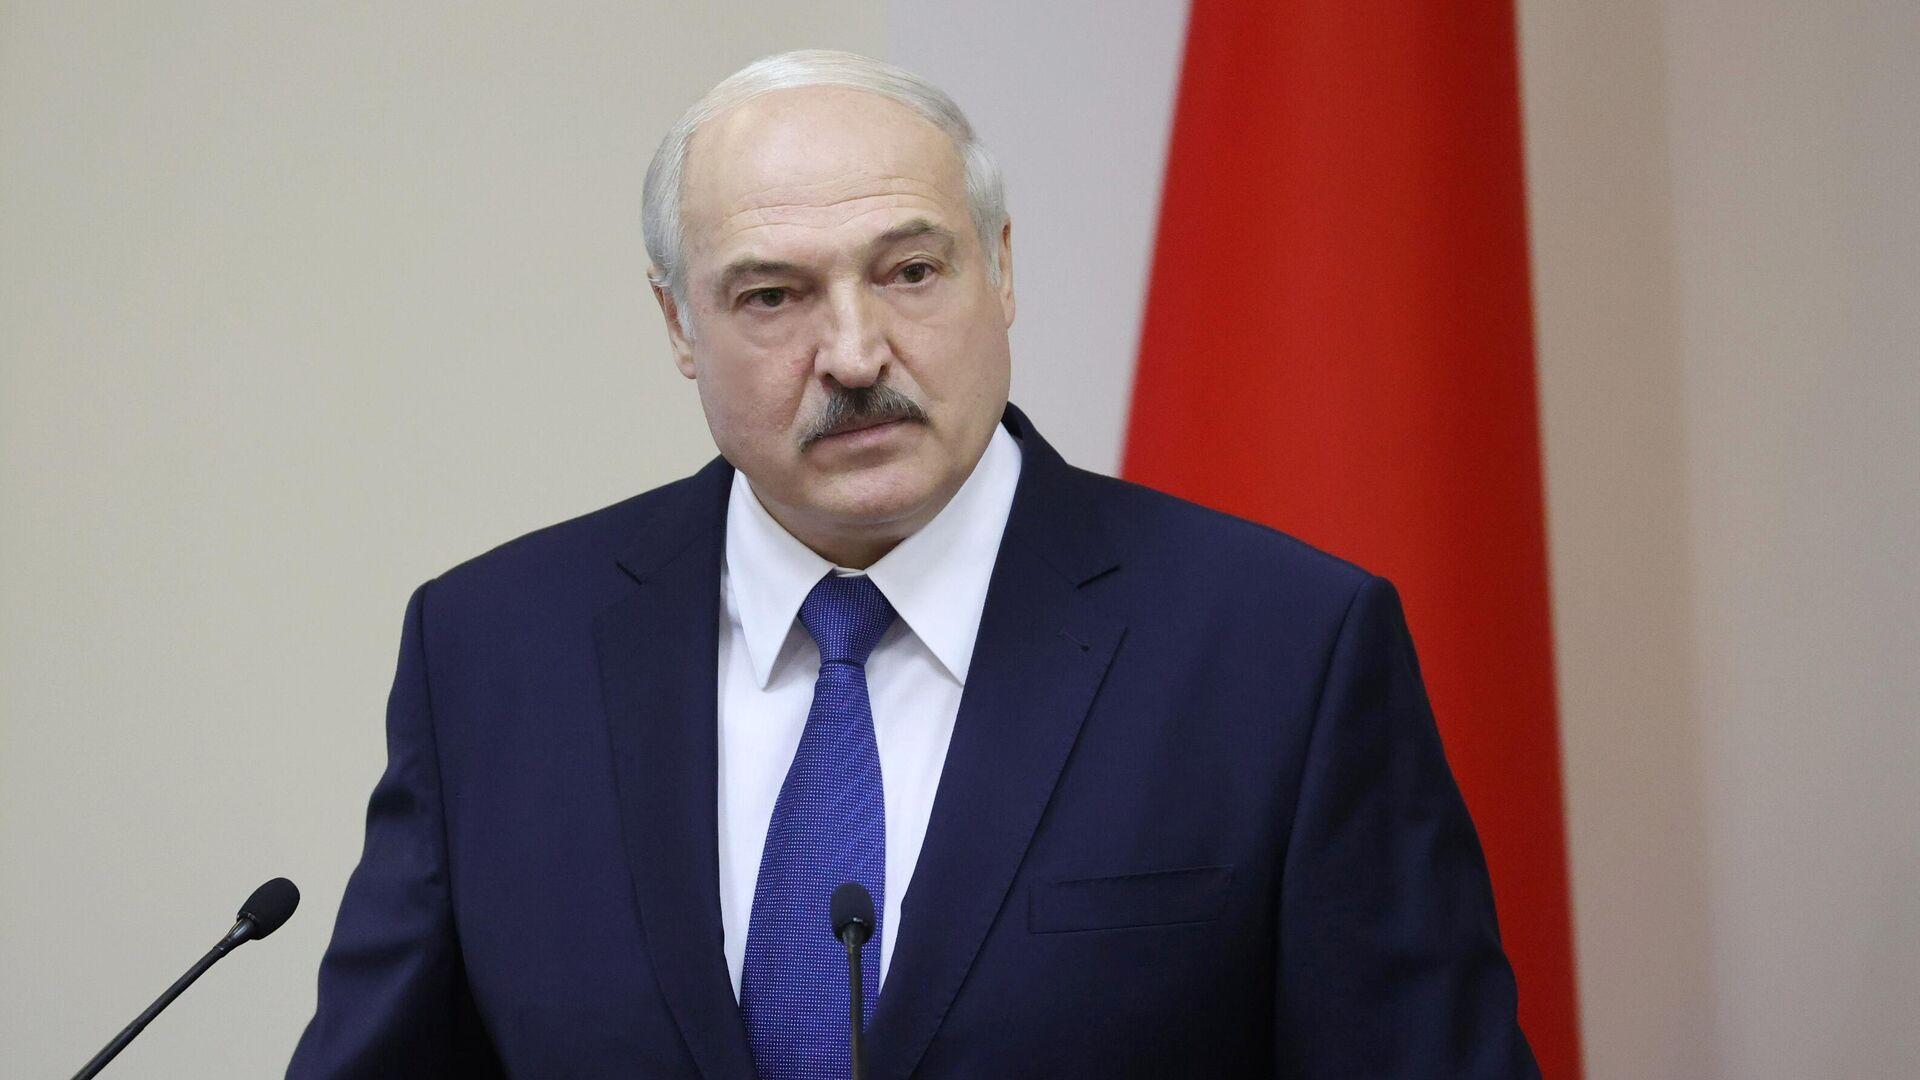 Президент Белоруссии Александр Лукашенко - РИА Новости, 1920, 10.11.2020